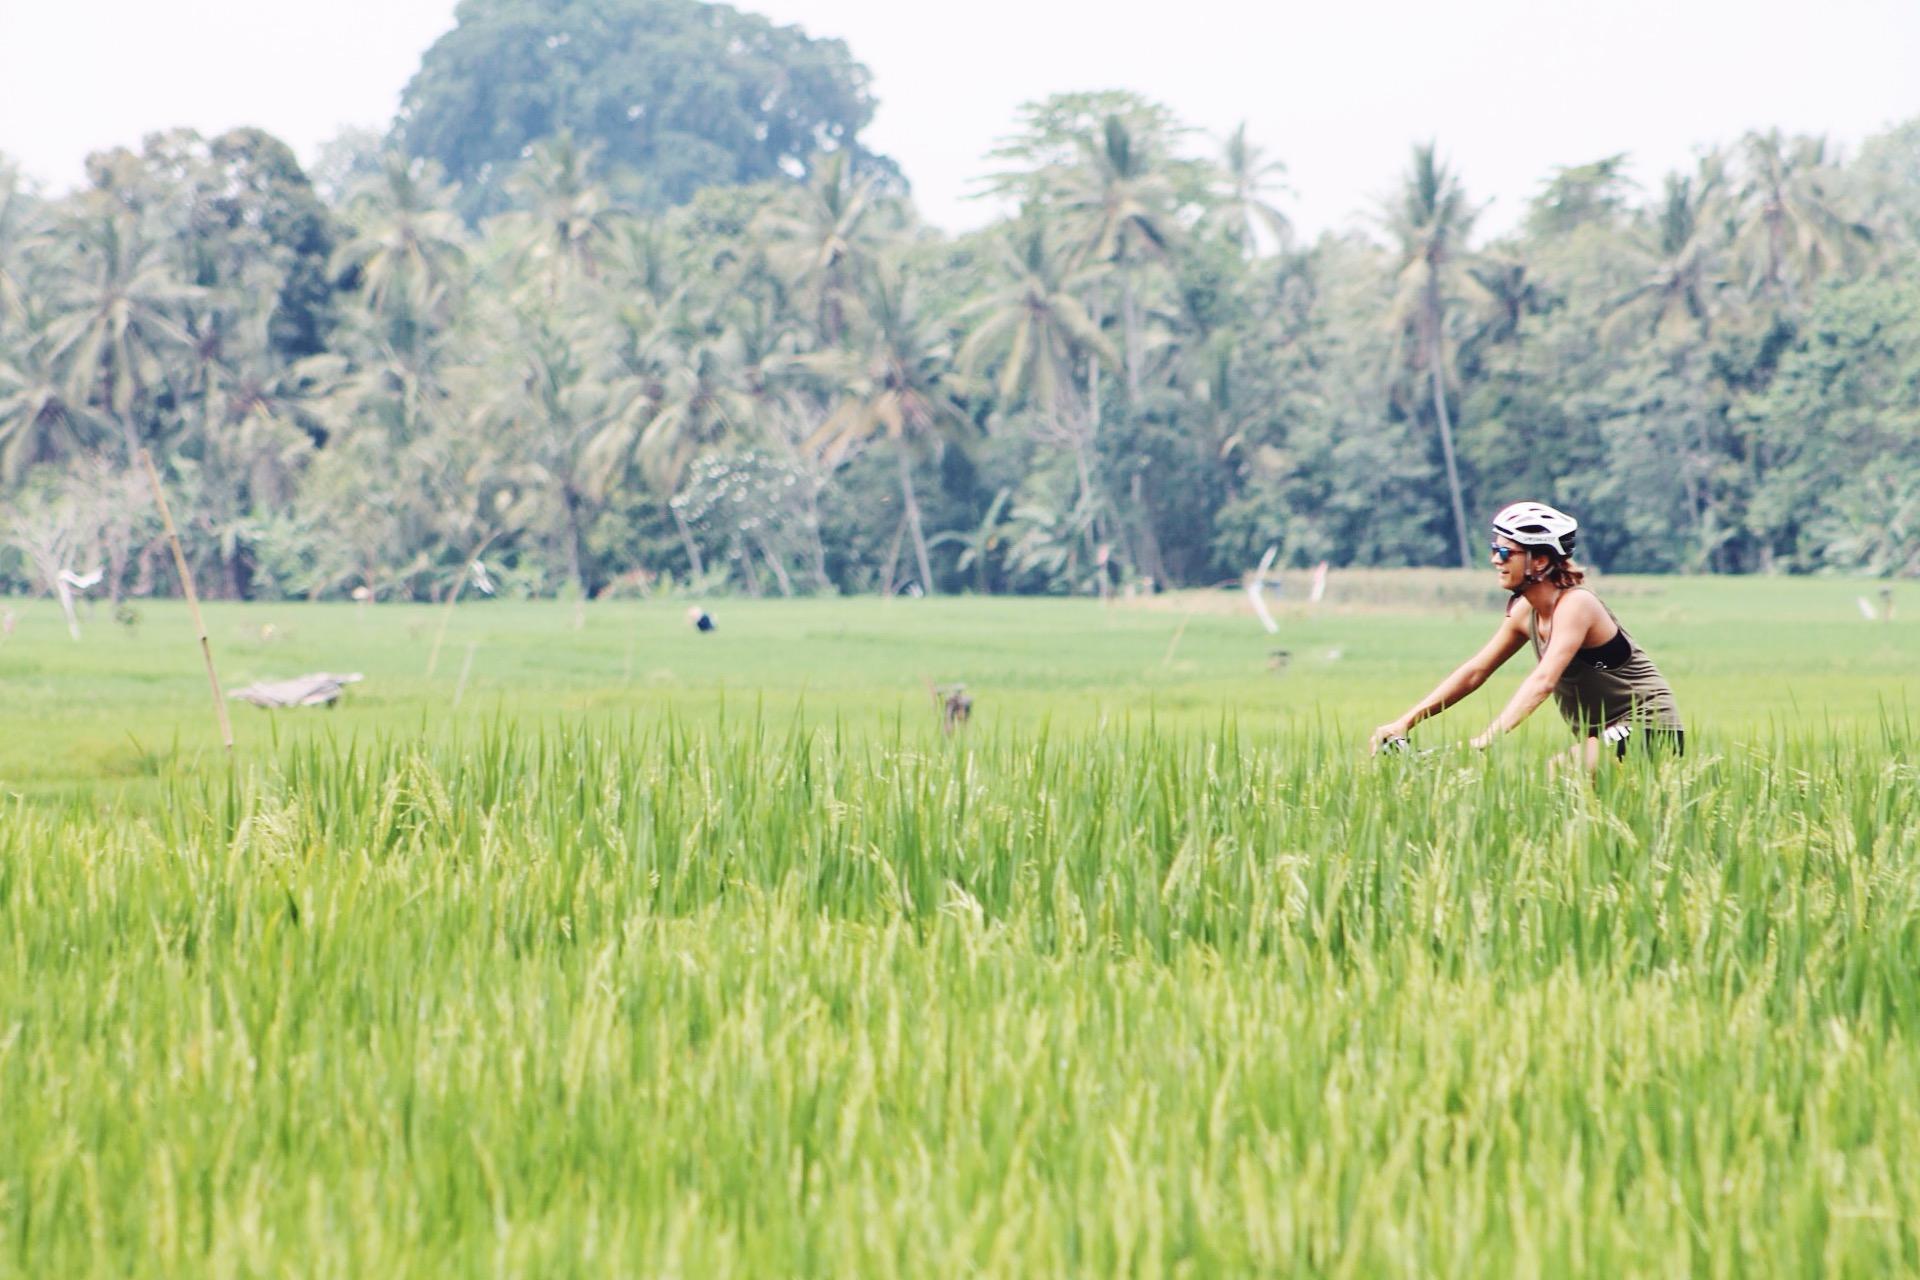 Mountainbike daisy, jatiluwih, retreat, activiteiten in ubud